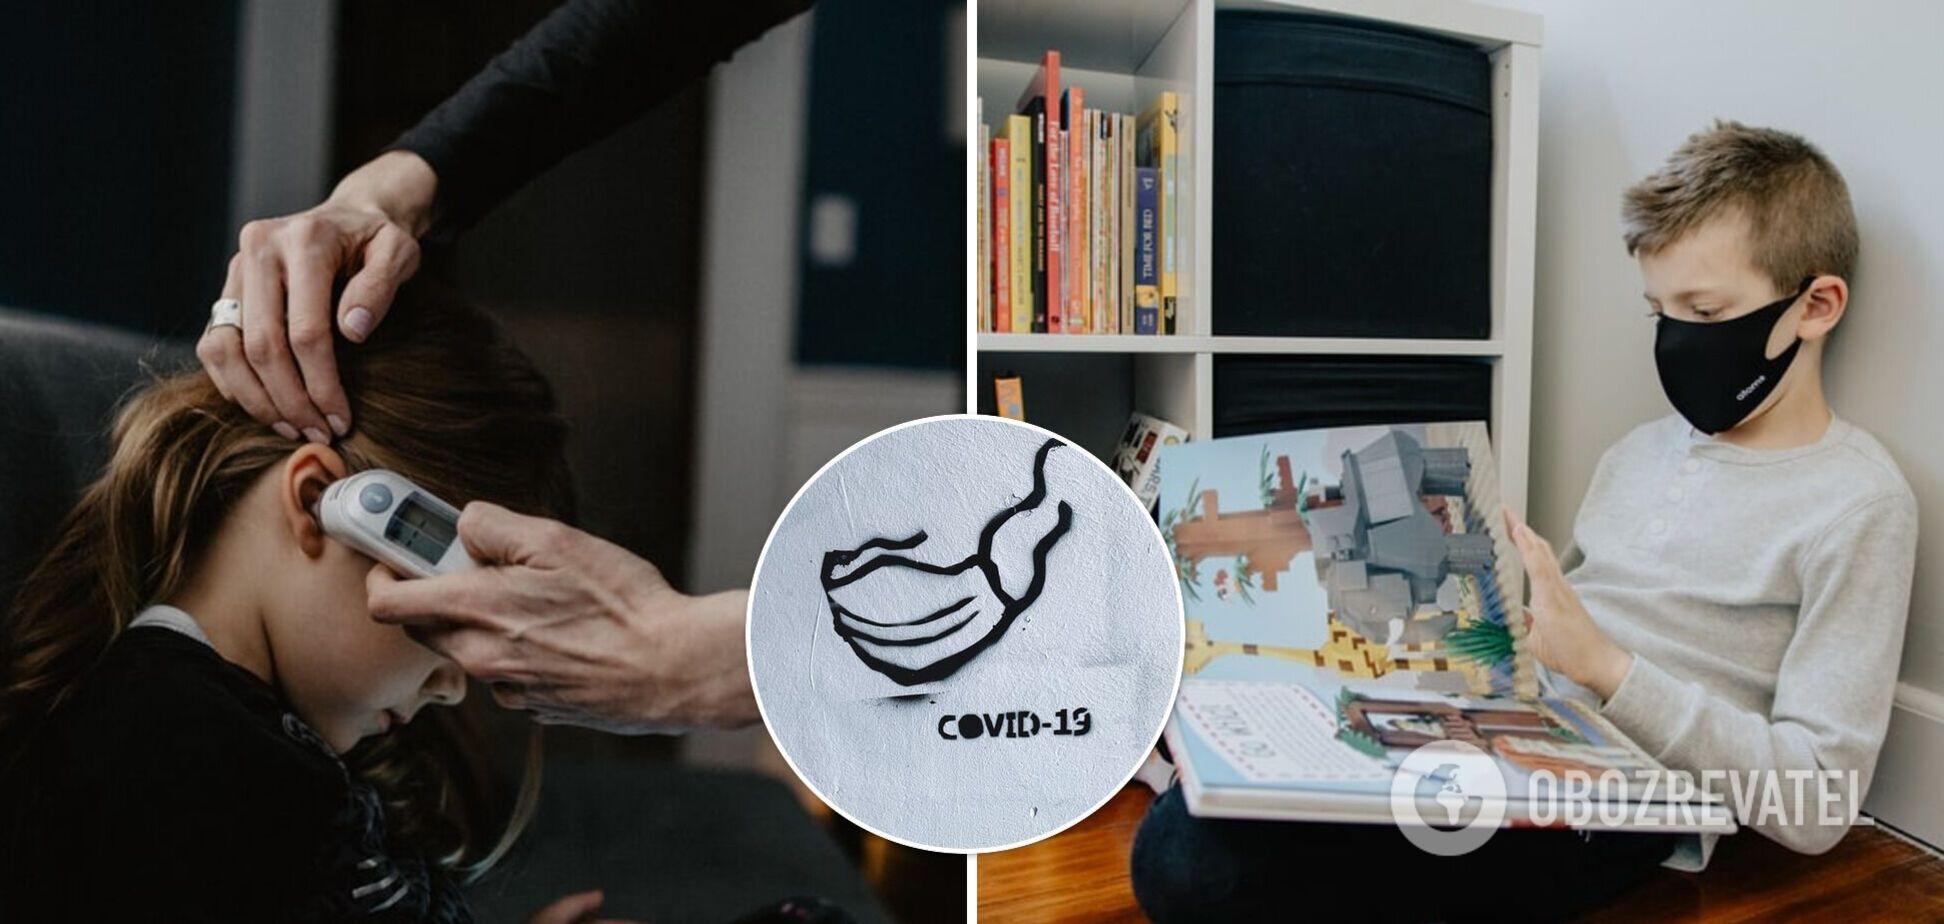 В Ізраїлі вводять обов'язкові тести на COVID-19 для дітей: вимагатимуть в школах і садках